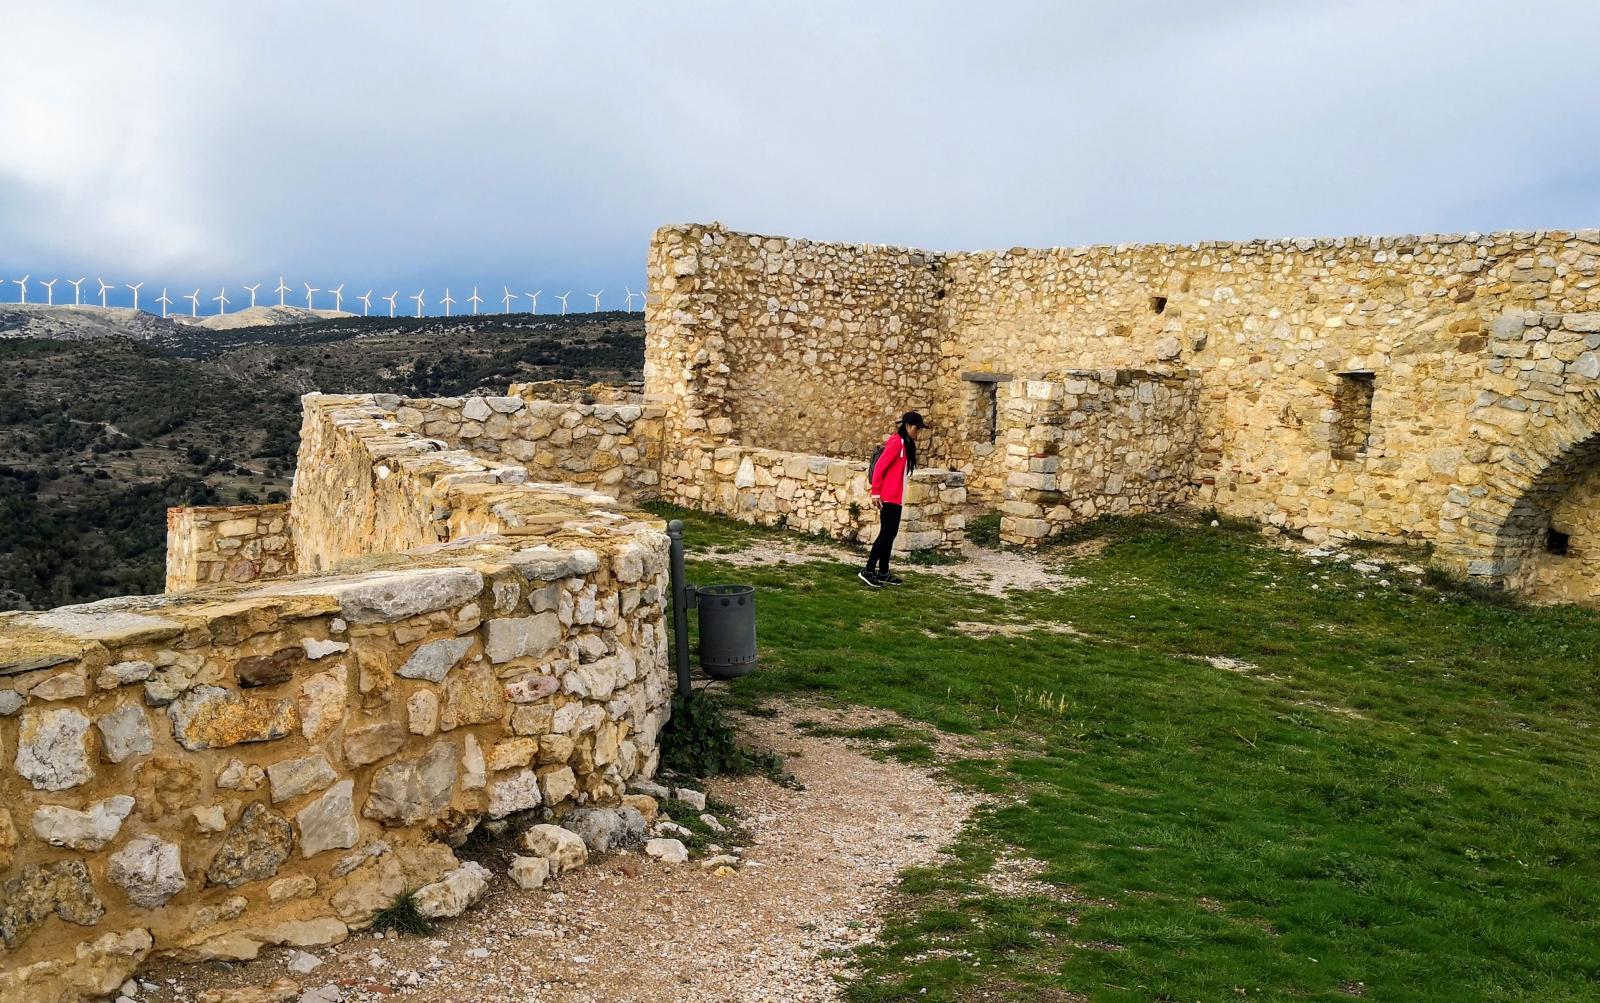 Toppen av fästningen Castillo de Morella ligger 1000 möh. Vi fick känna på skarp vind och kyla.